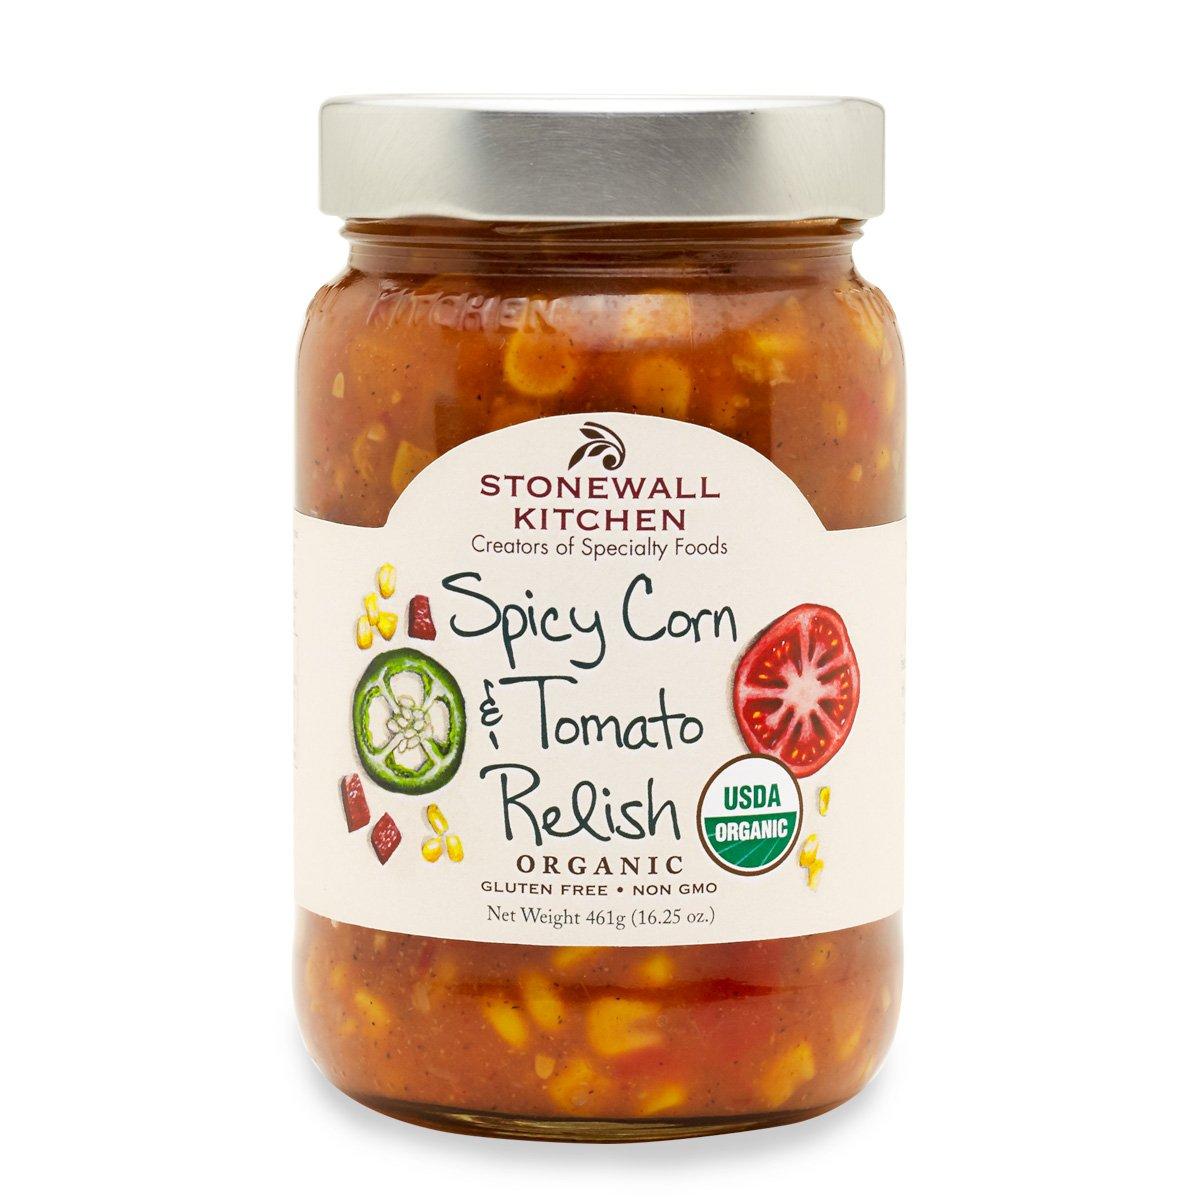 Stonewall Kitchen Relish Organic Spicy Corn Tomato, 16.25 oz